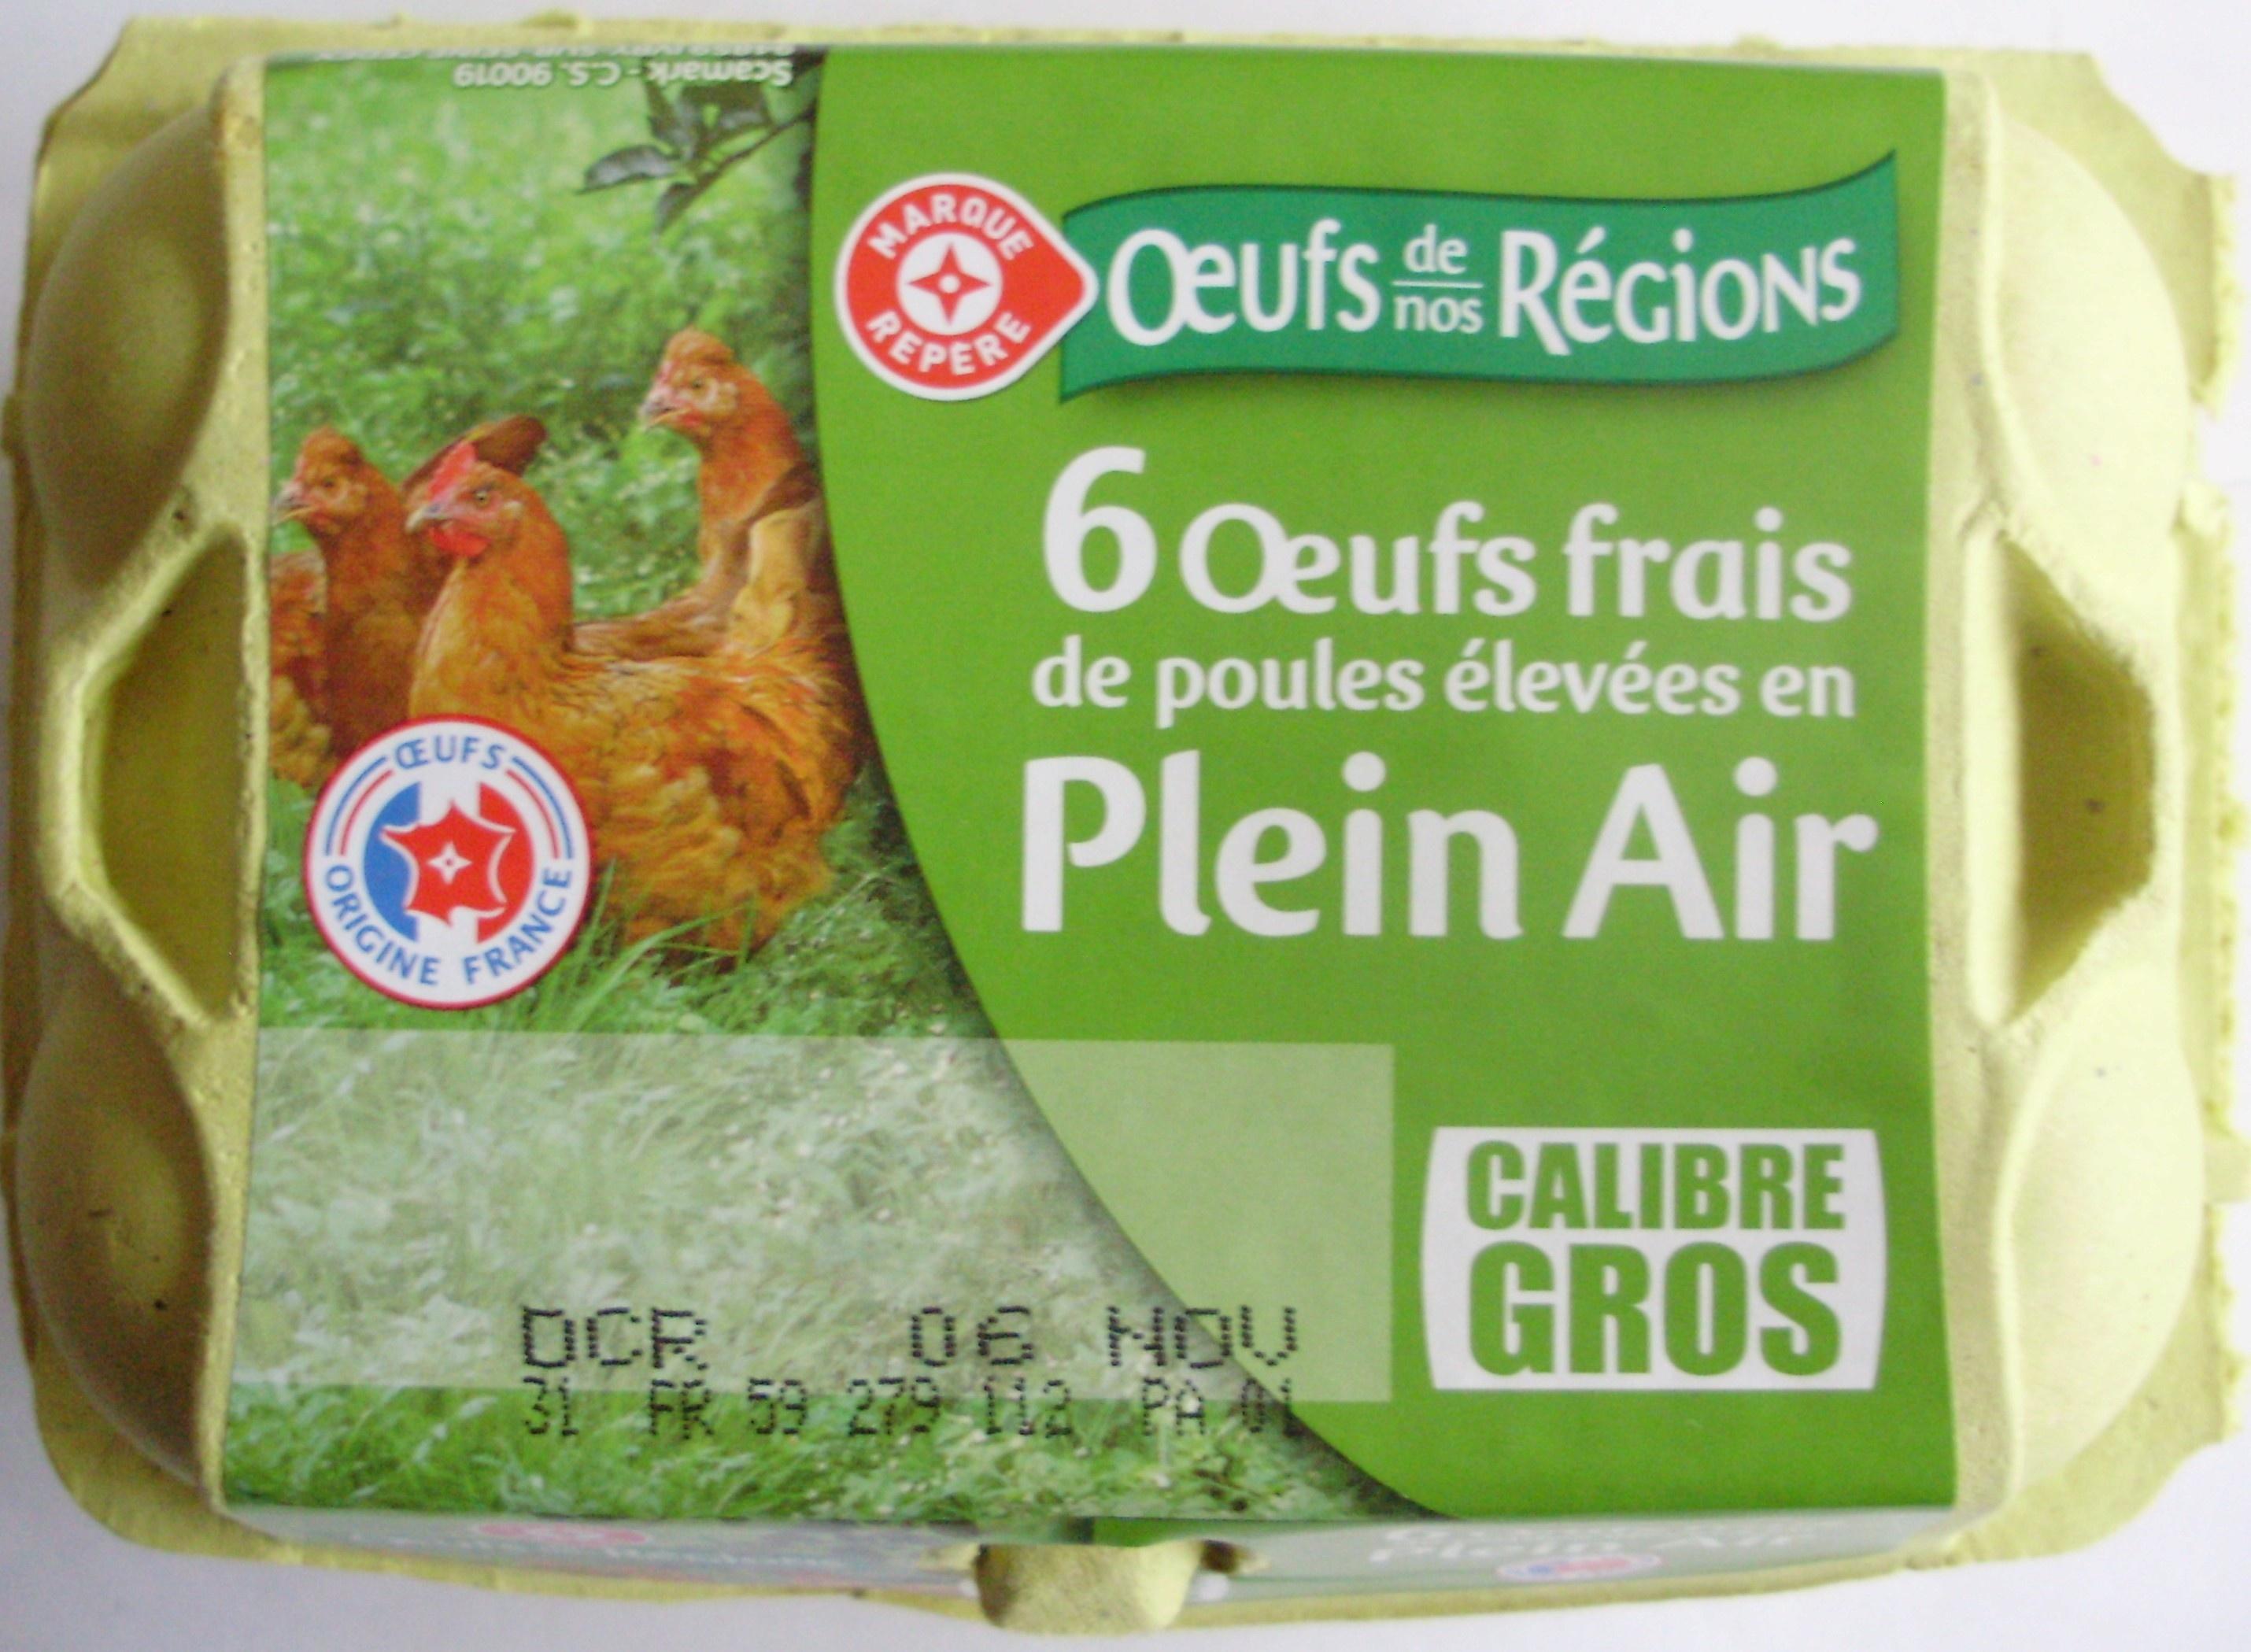 6 ufs frais de poules lev es en plein air calibre gros for Oeuf en plastique pour poule